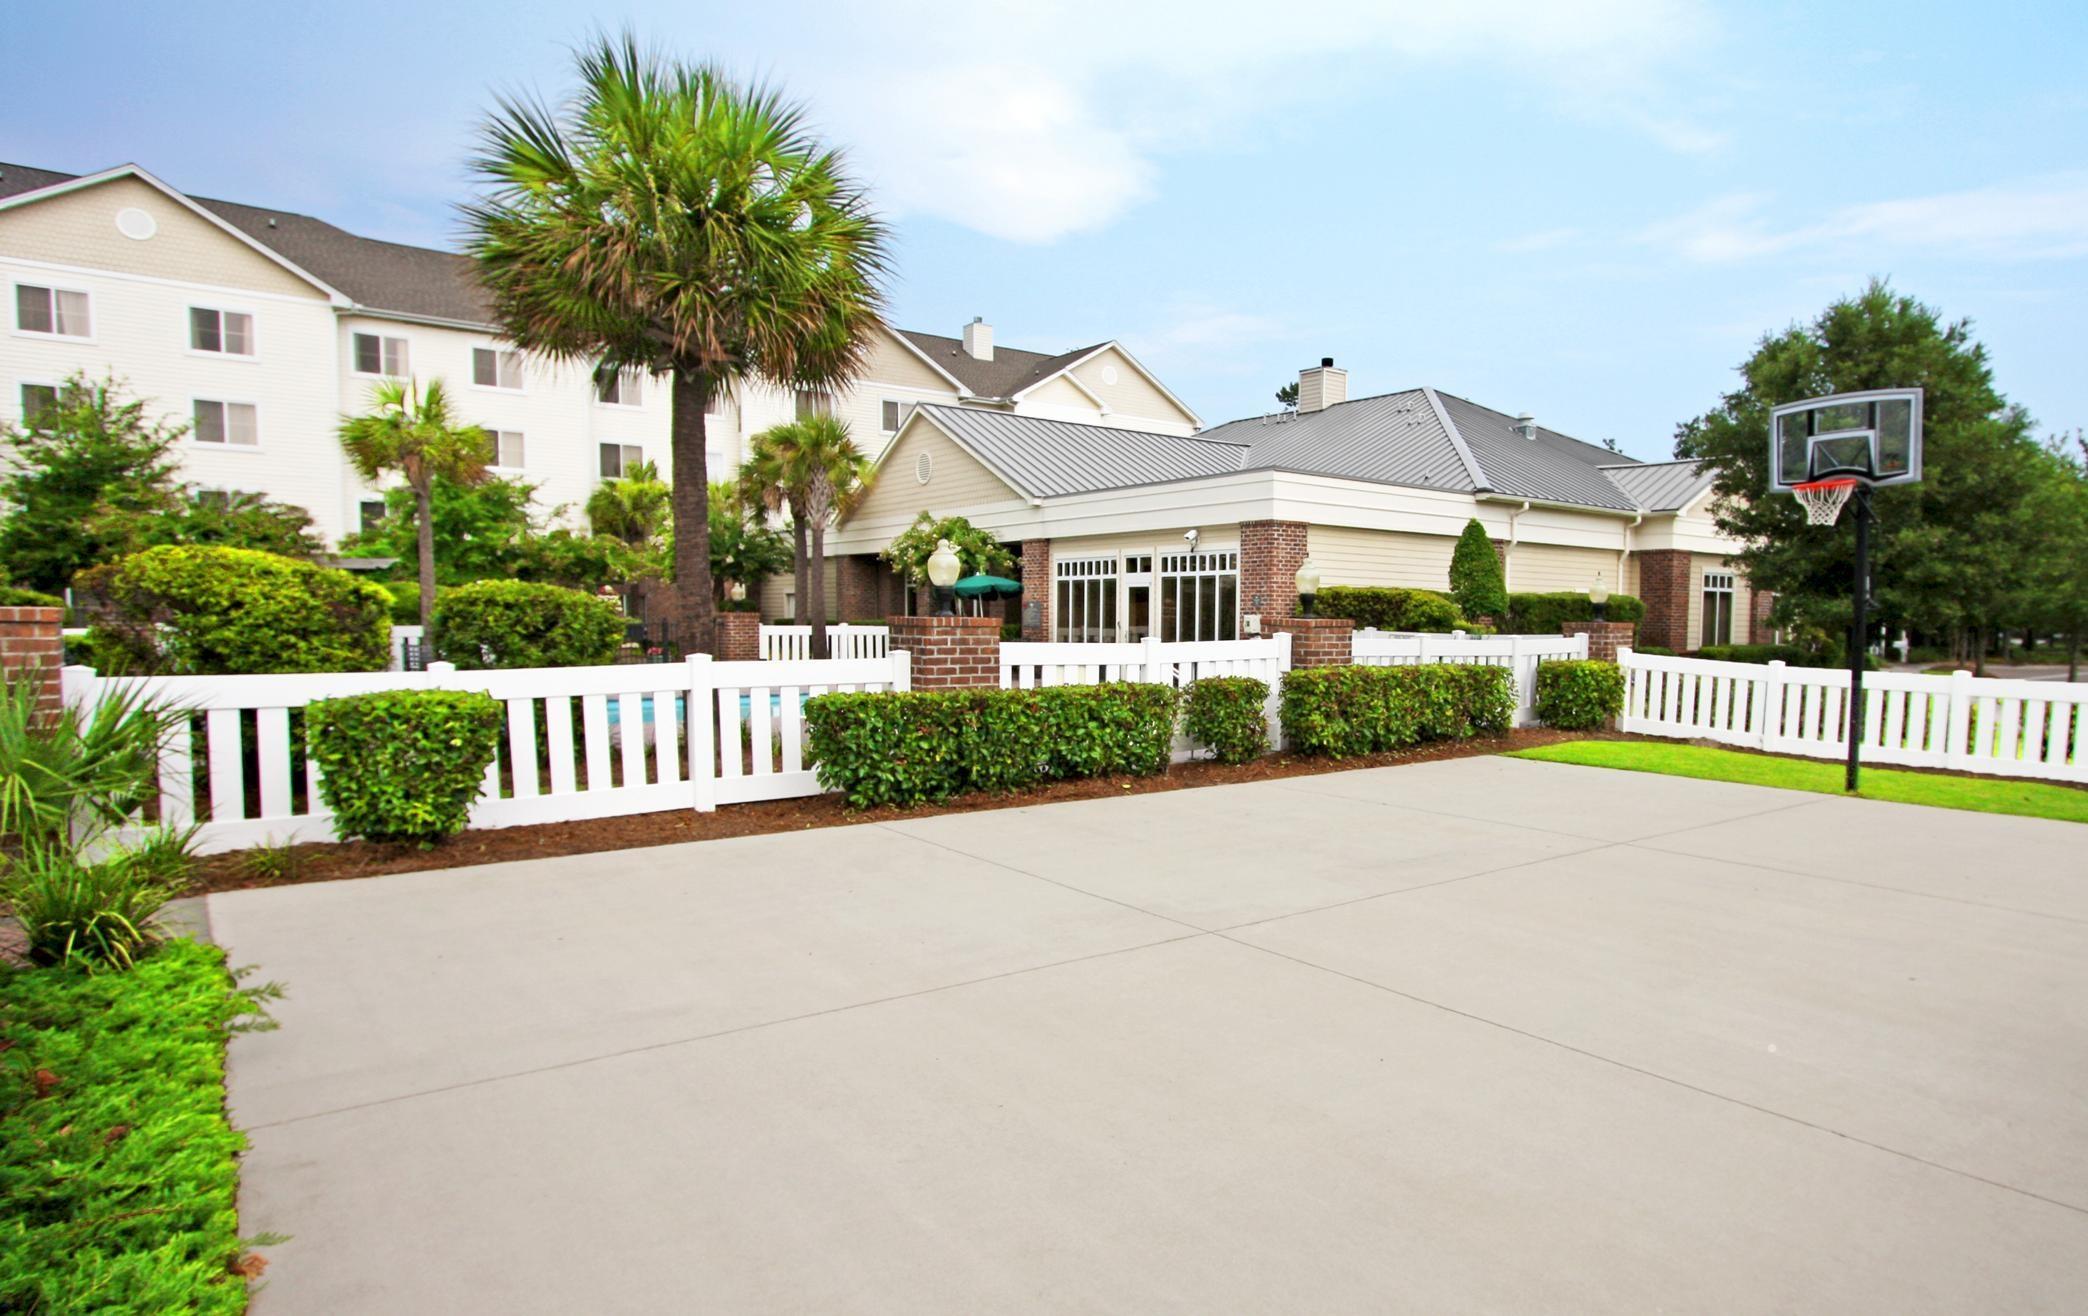 Homewood Suites by Hilton Charleston - Mt. Pleasant image 13